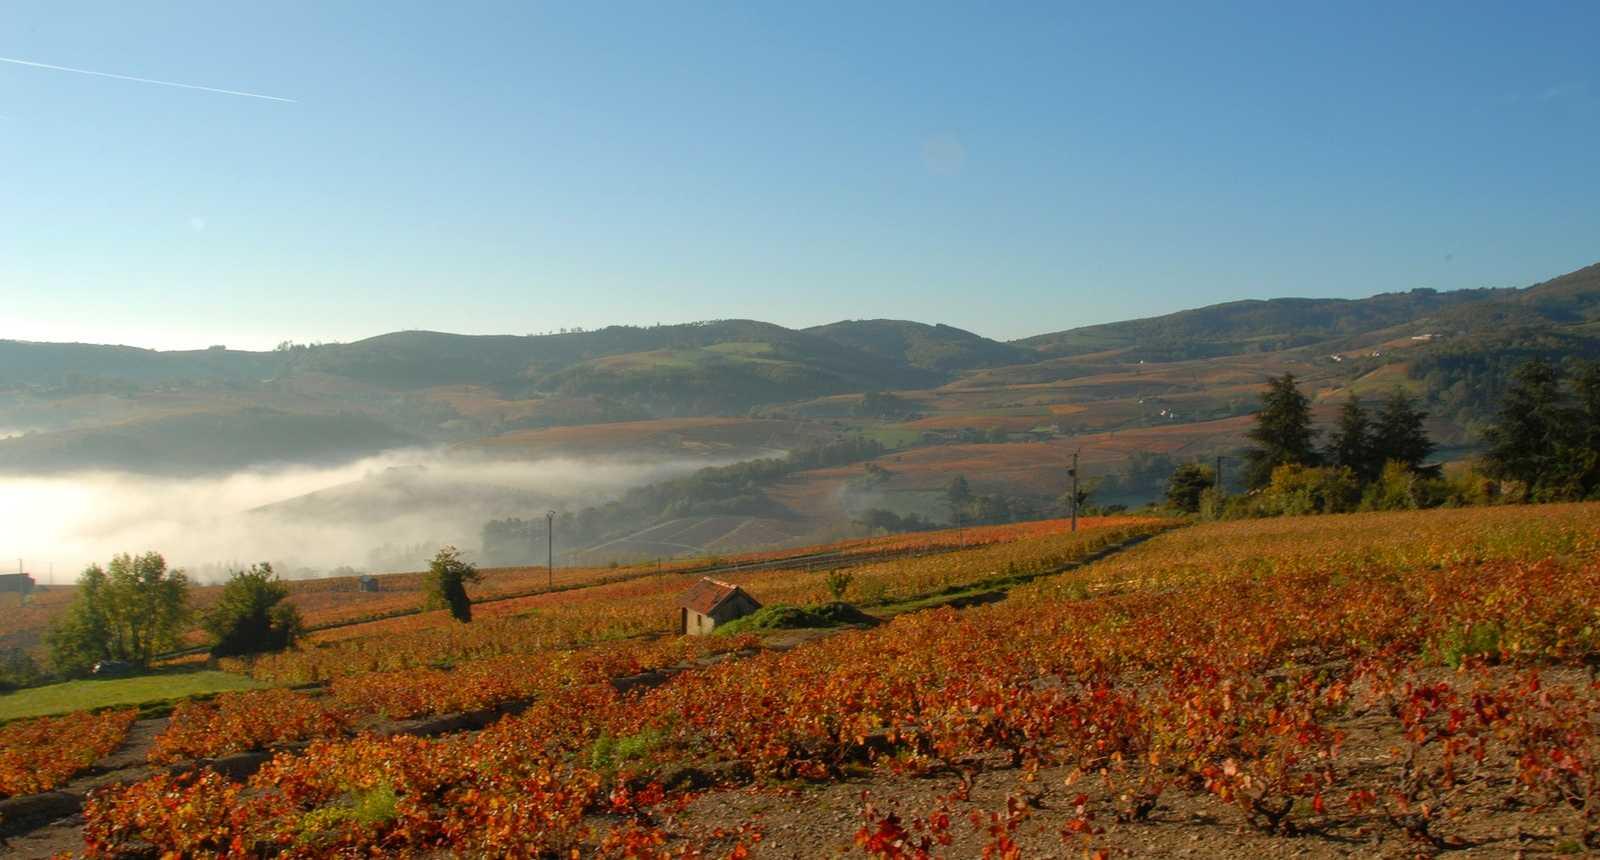 Brume automnale sur les vignobles du Beaujolais